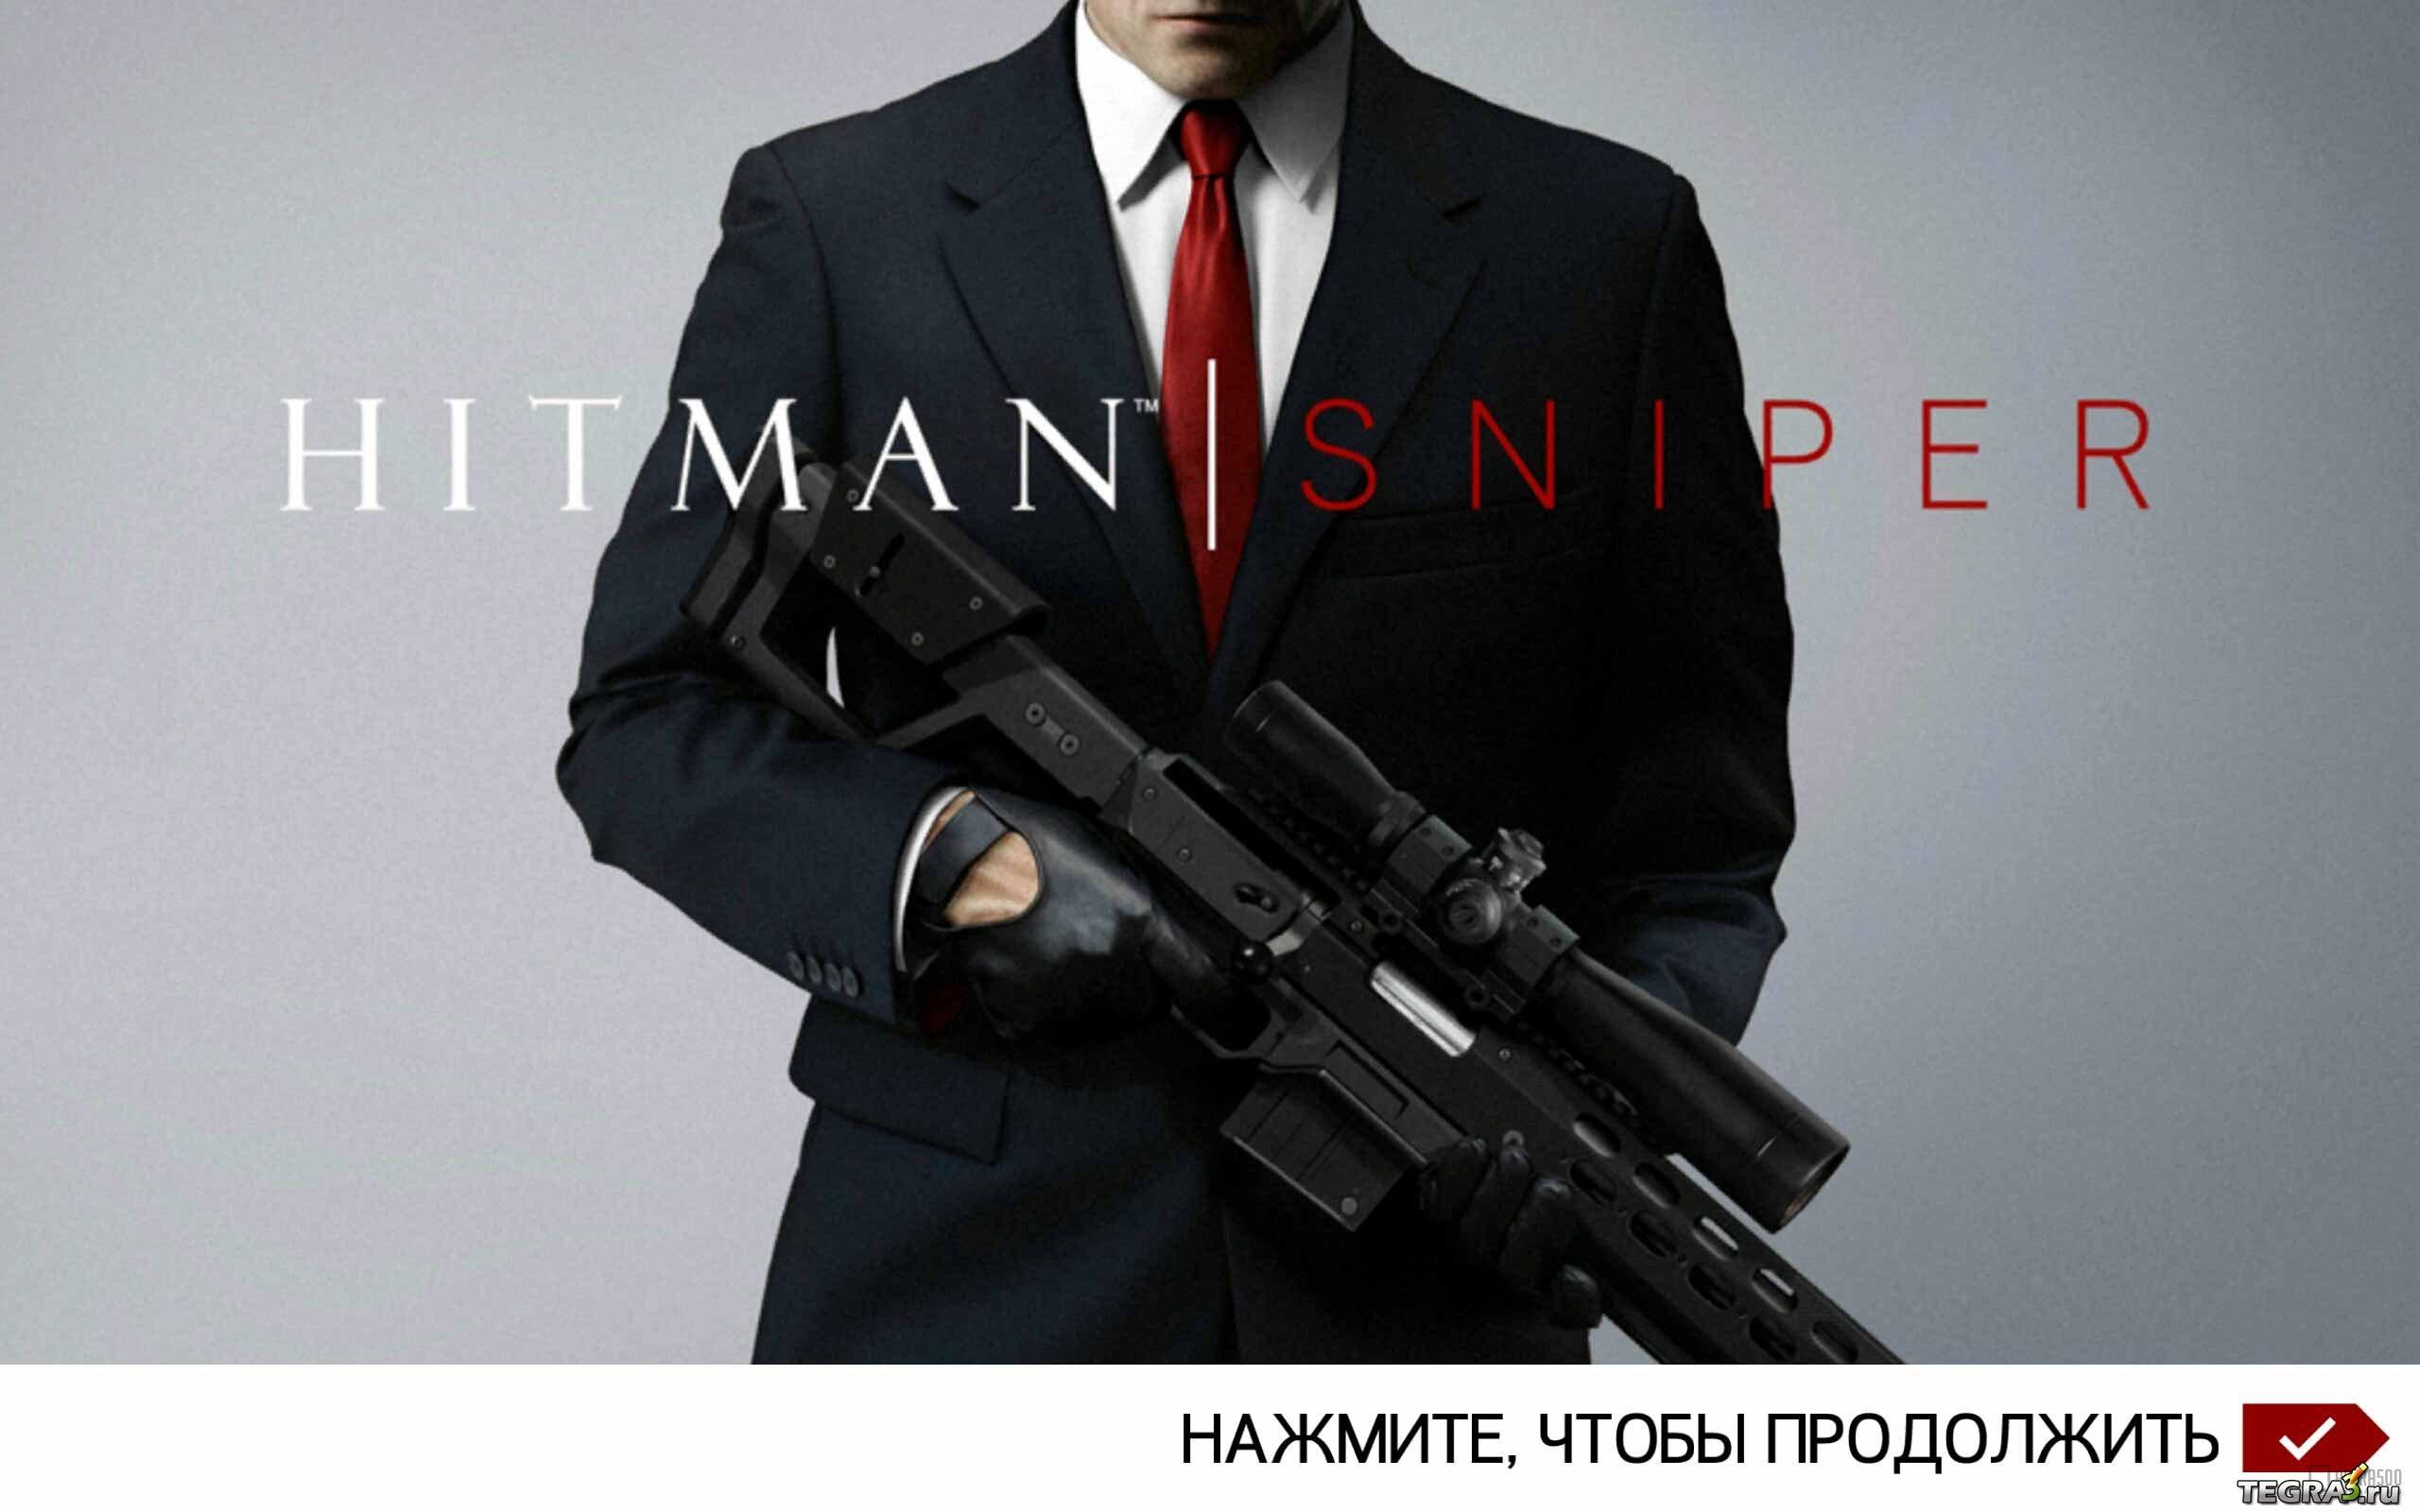 Hitman: Sniper - hdandroid.net